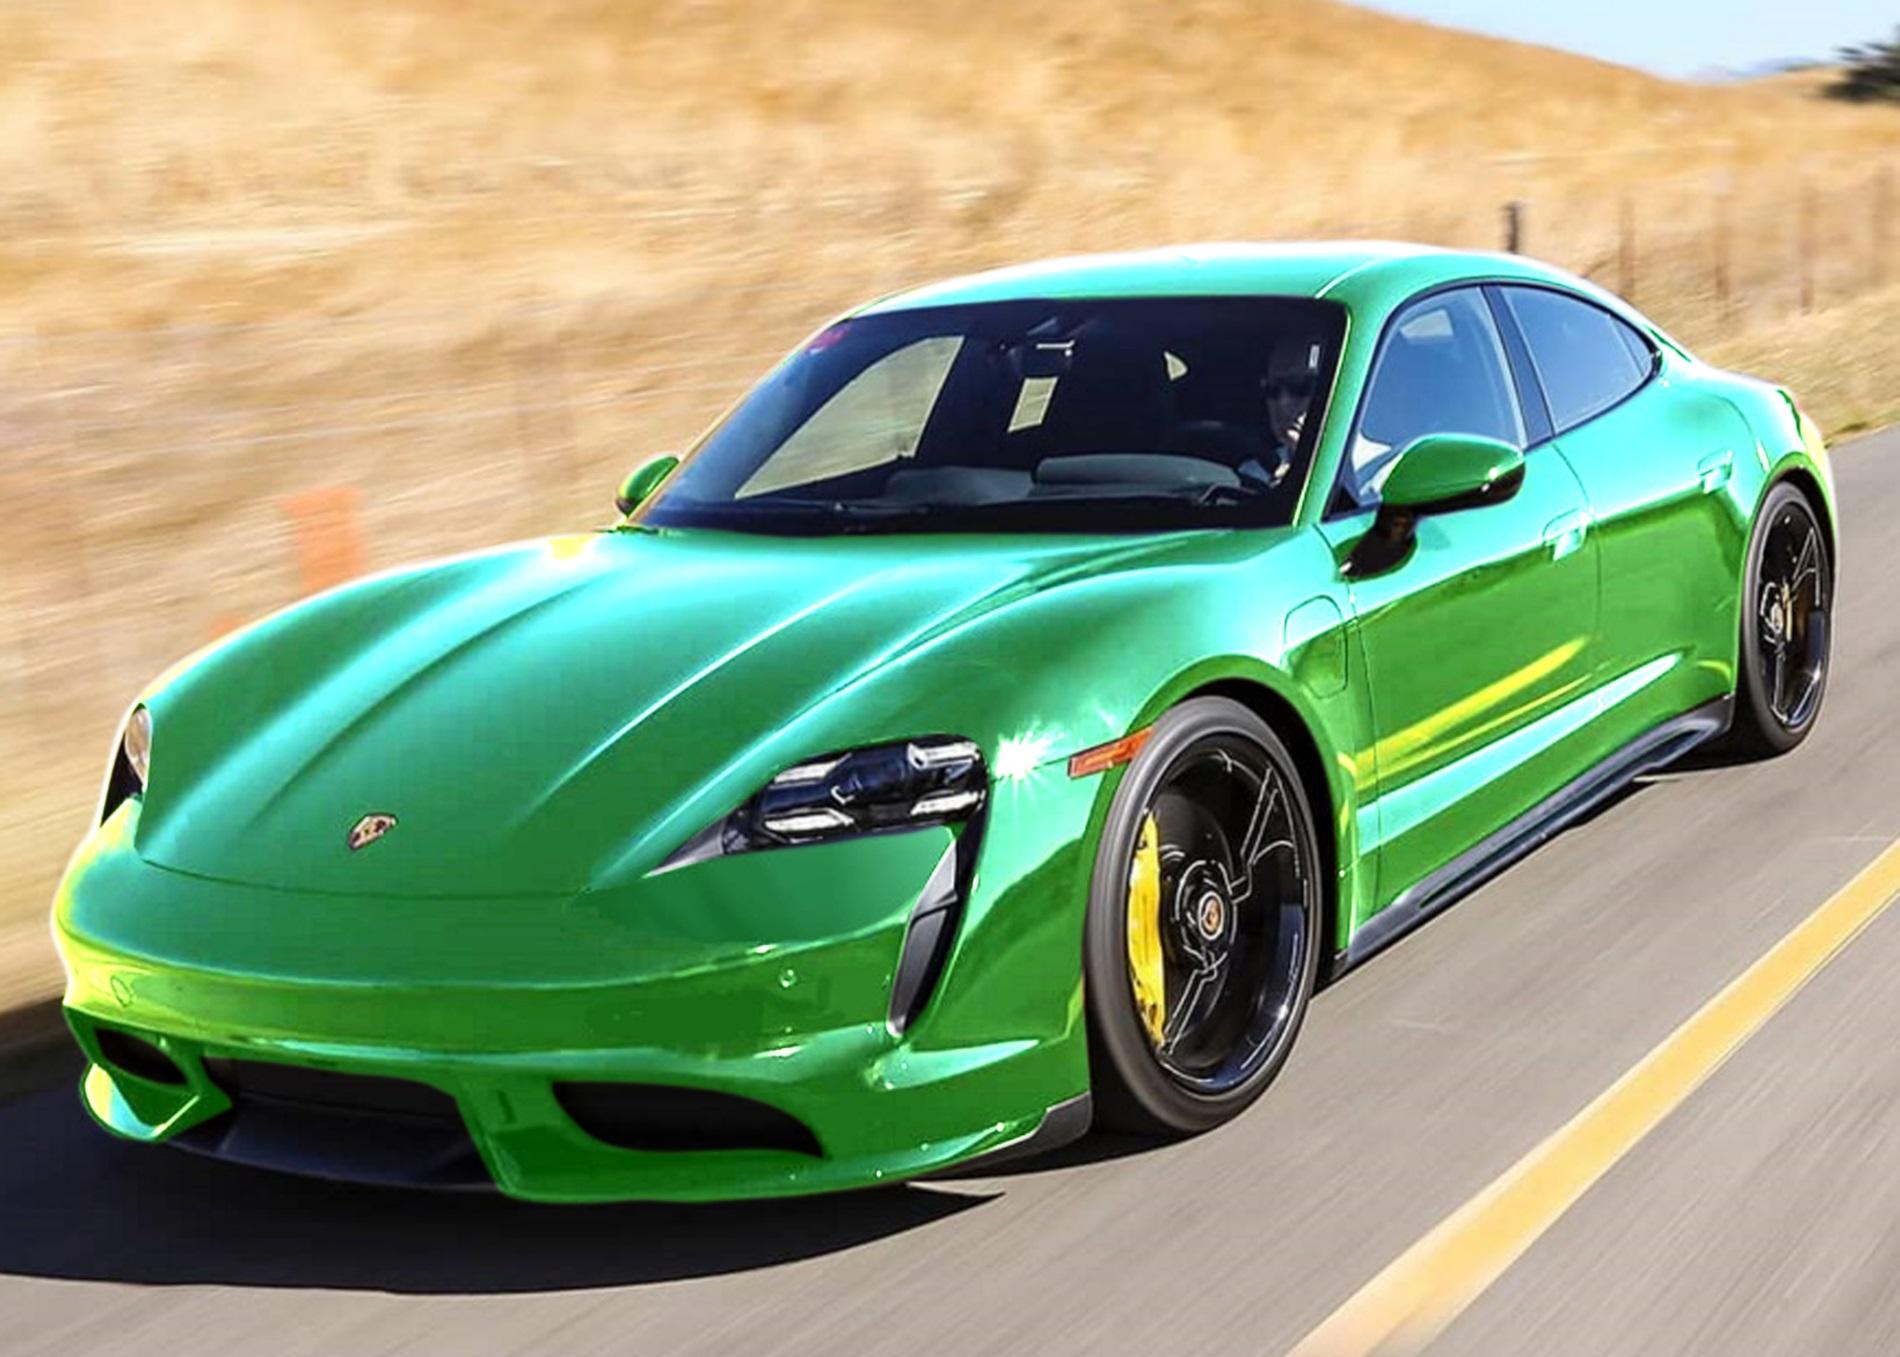 Porsche-Taycan-renderings-10